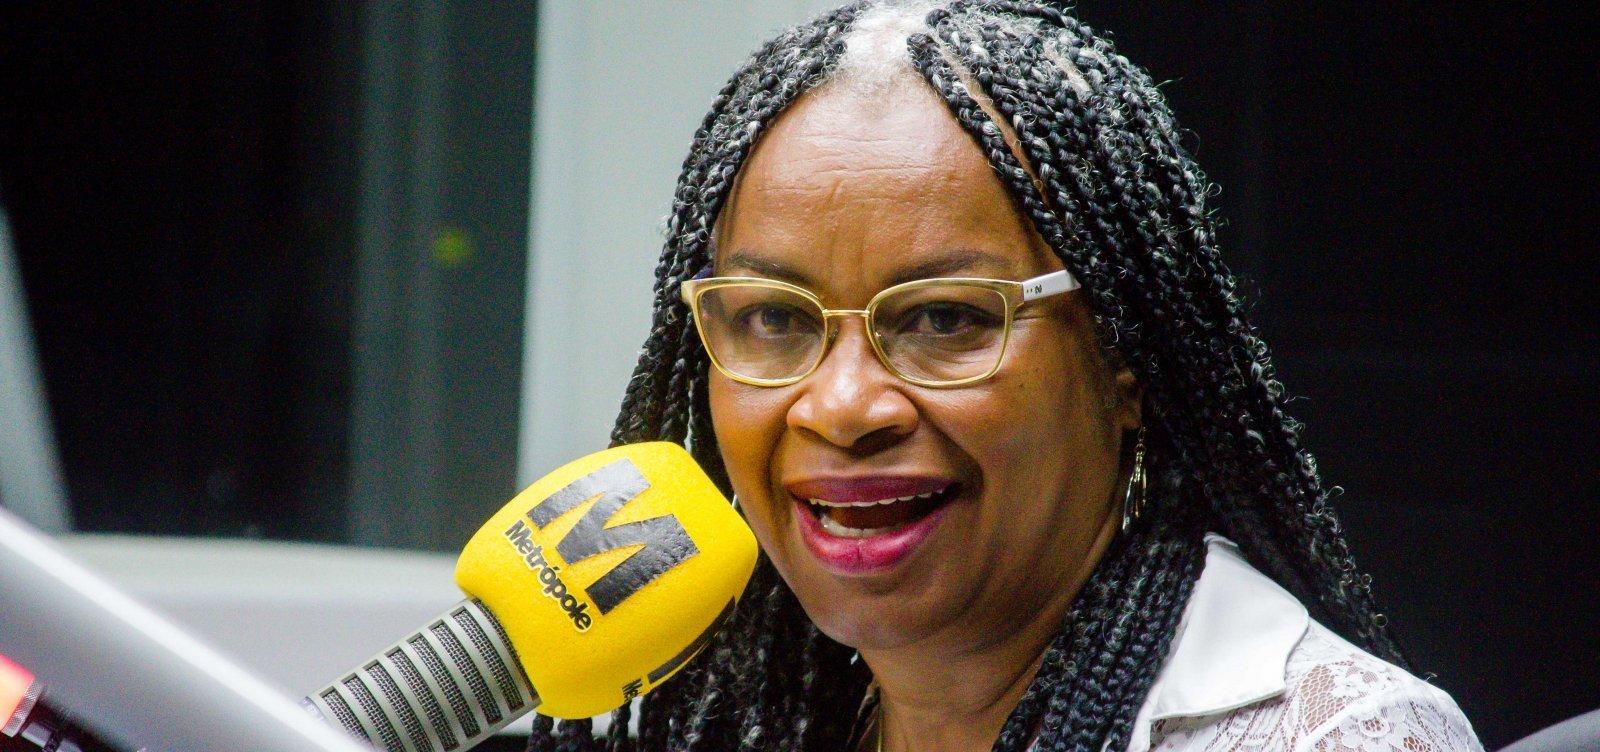 ['Pior resultado que o racismo é capaz de produzir', diz Olívia Santana sobre presidente da Fundação Palmares]